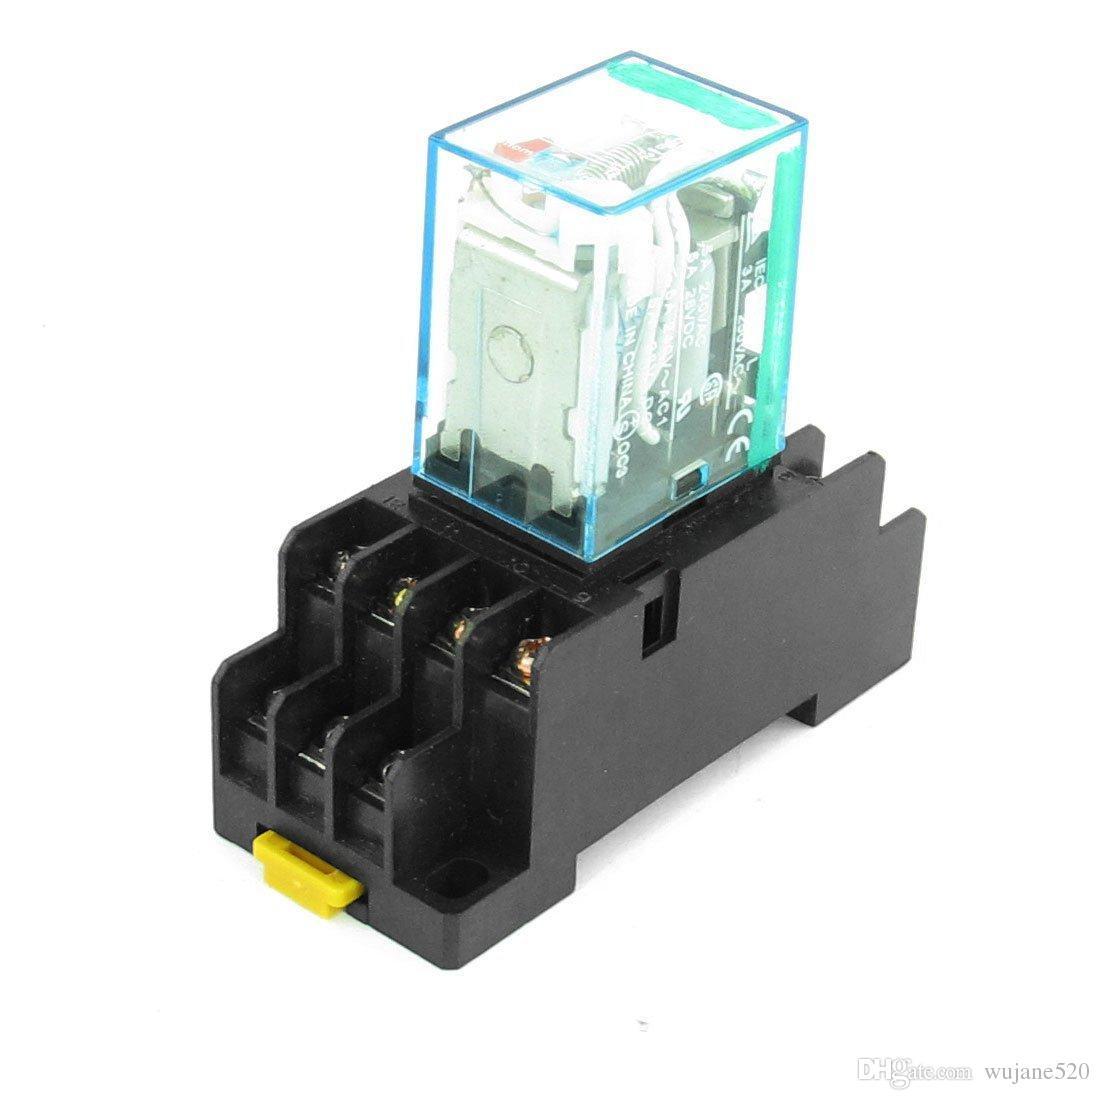 12 فولت dc / 24 فولت dc لفائف 4PDT المكونات في مصغرة السلطة التقوية MY4NJ HH54P-L 14 دبابيس ث DYF14A قاعدة المقبس